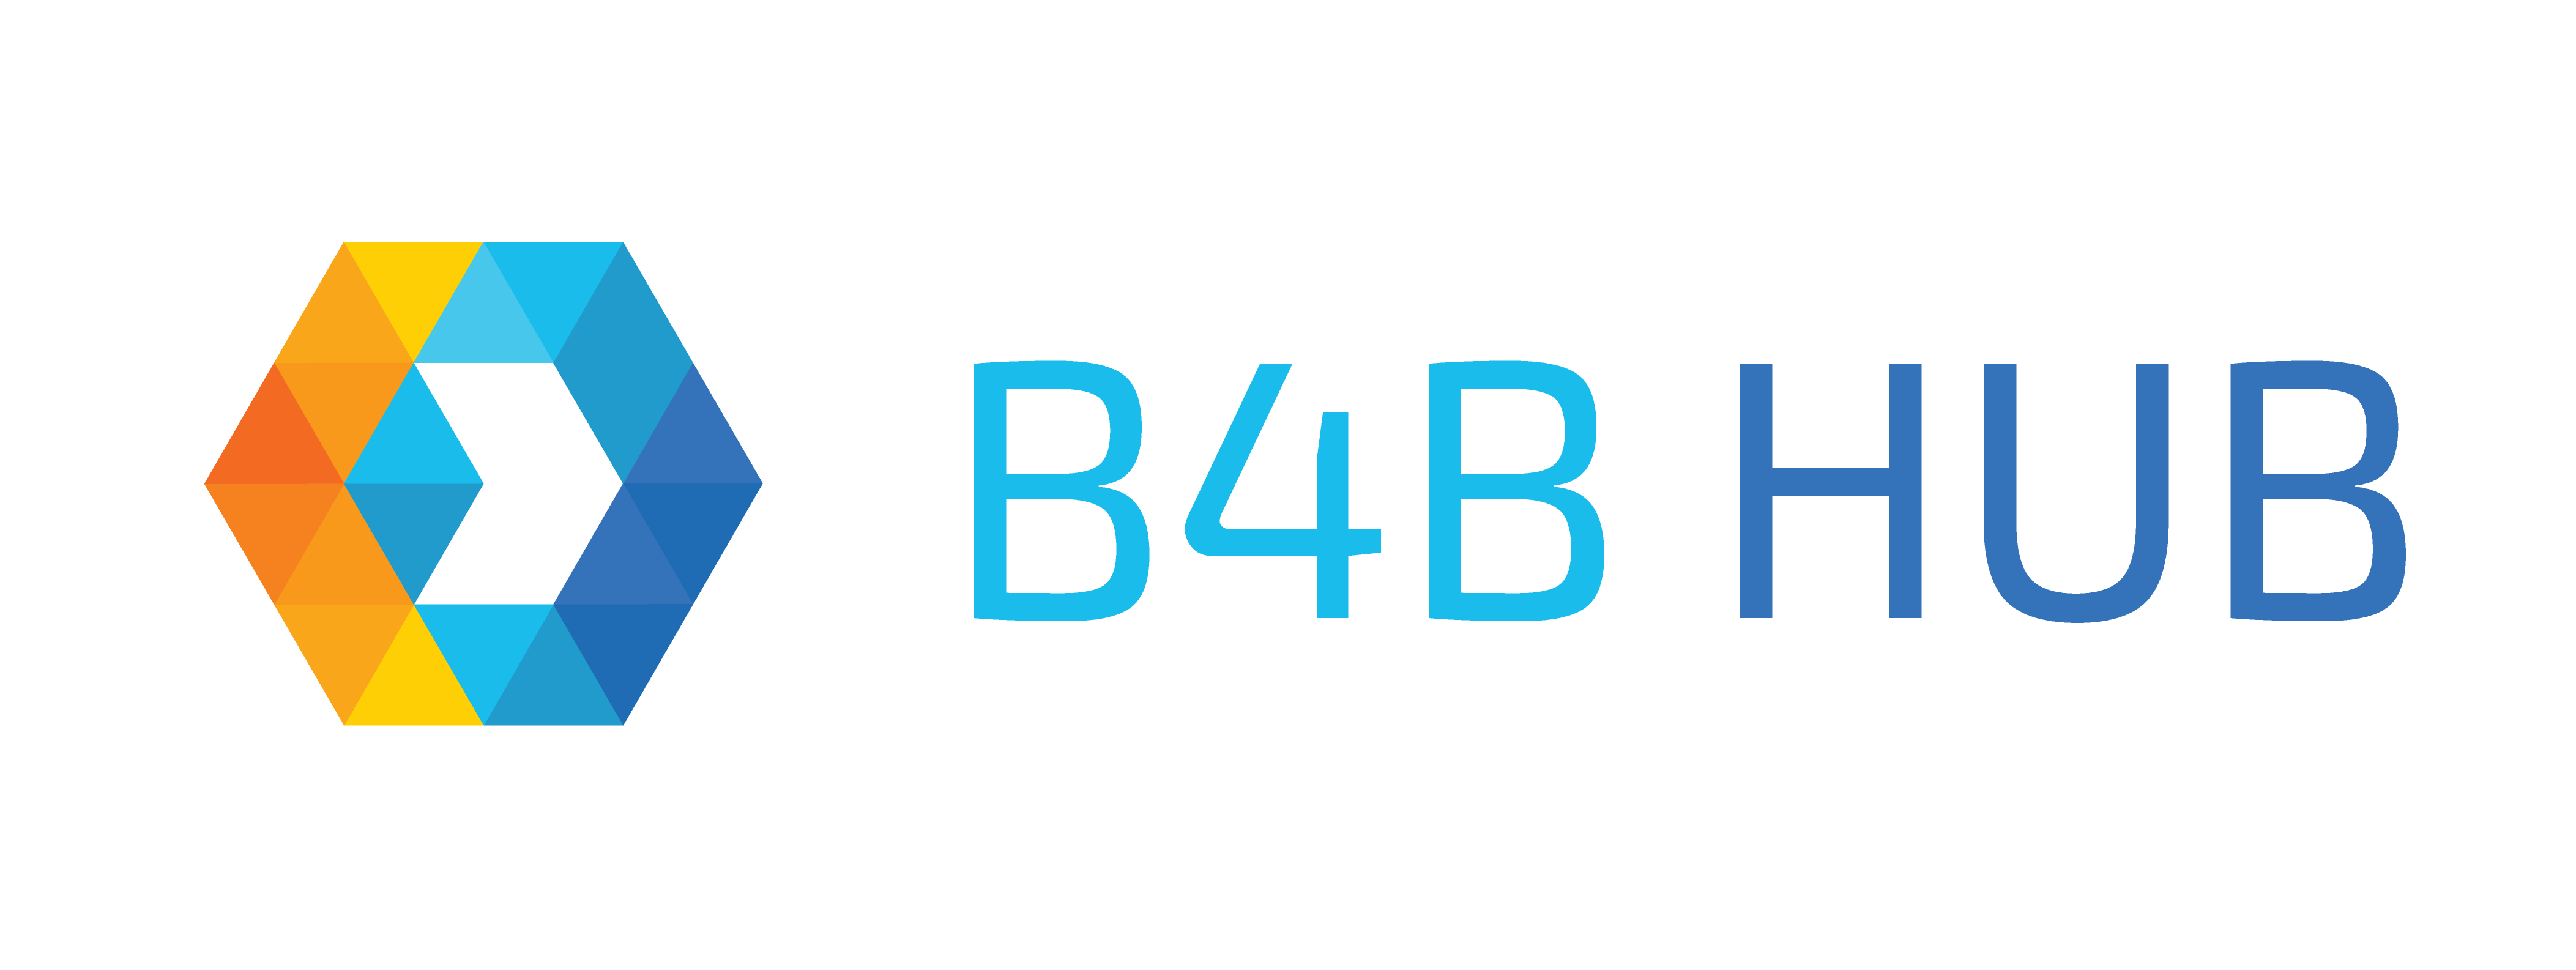 B4B HUB